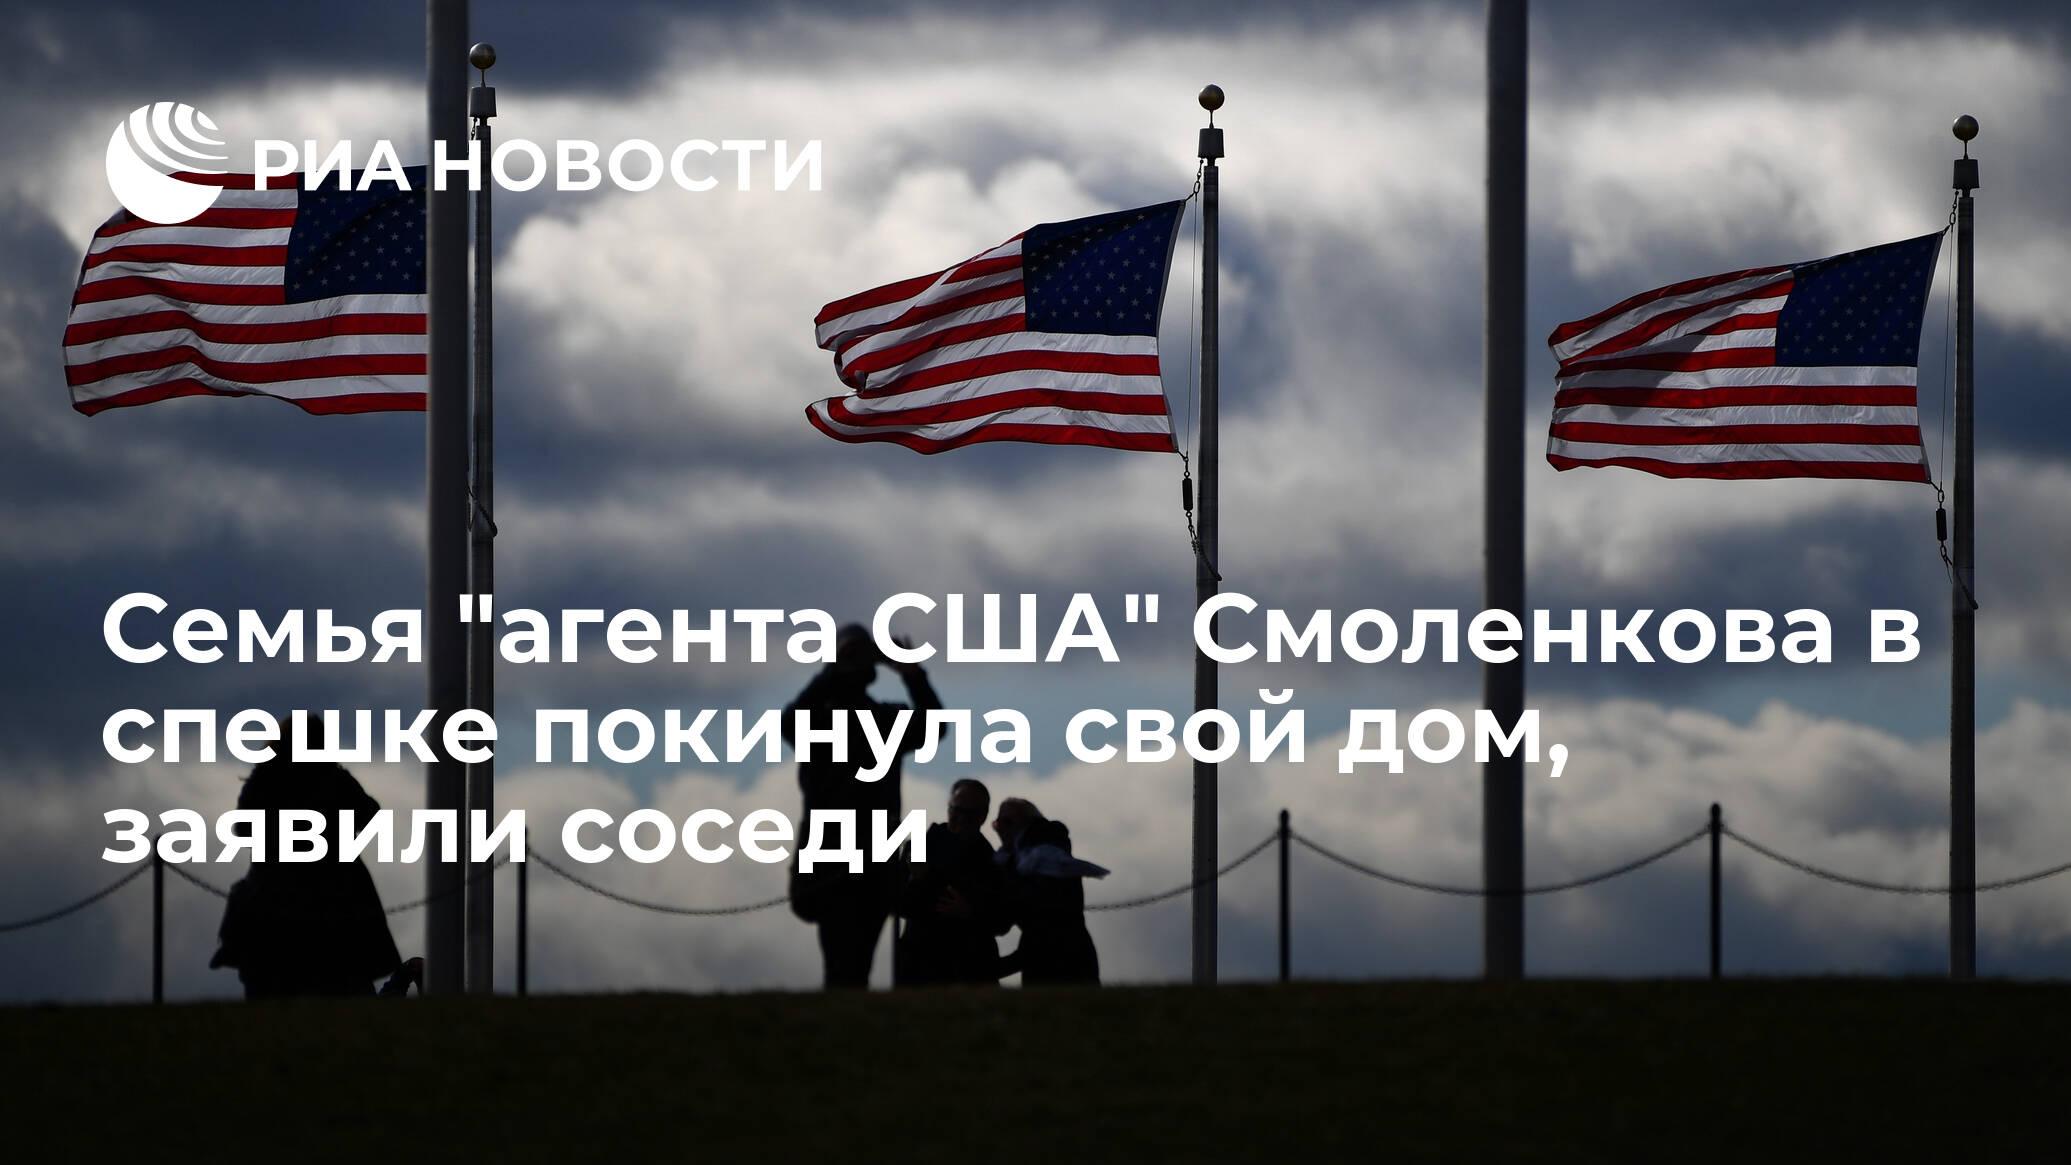 """Семья """"агента США"""" Смоленкова в спешке покинула свой дом, заявили соседи - РИА Новости, 11.09.2019"""